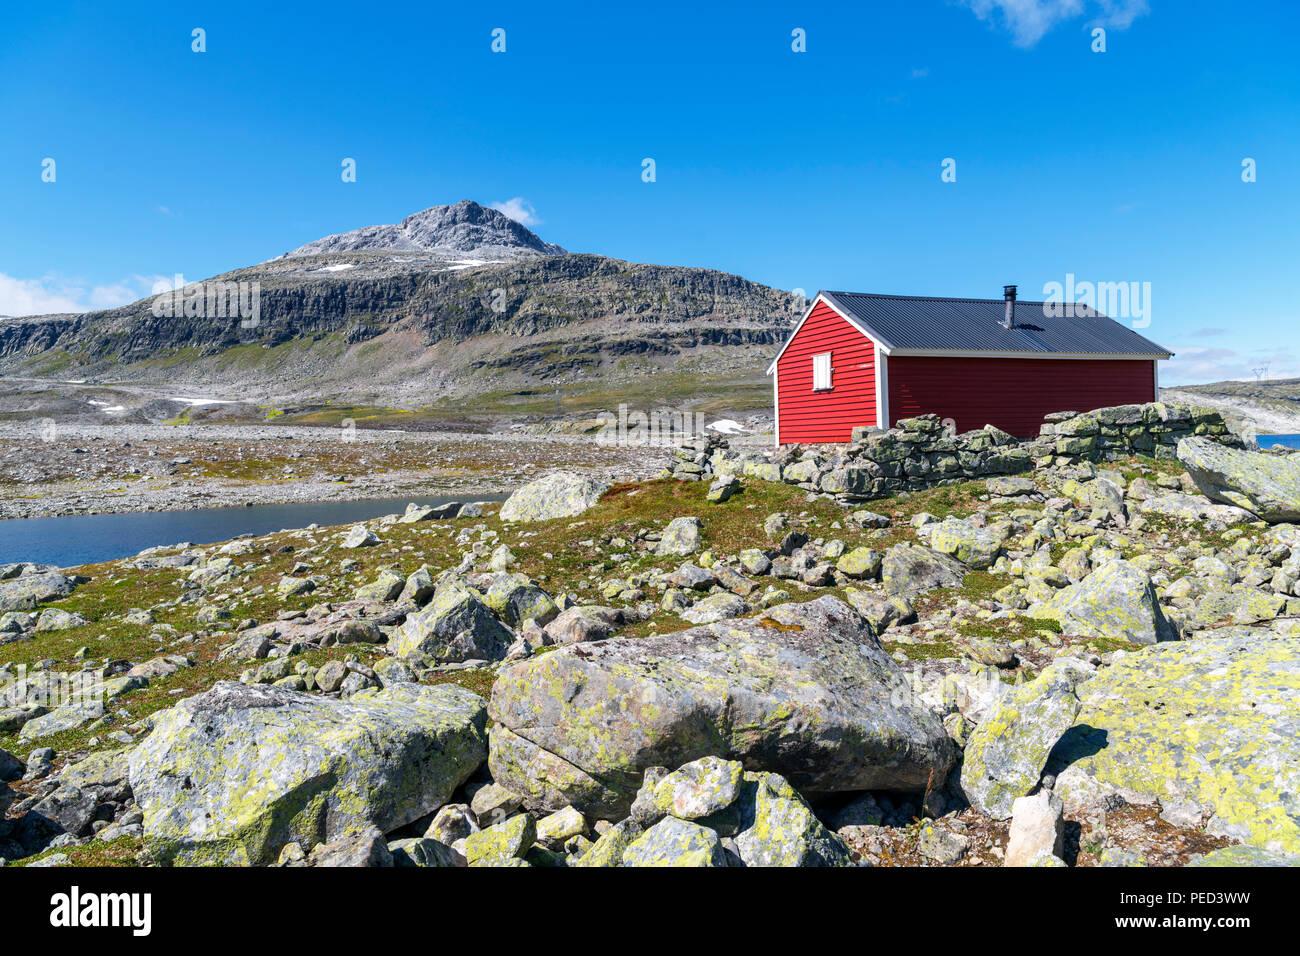 Remote Hütte von der Seite der großen Höhe Fylkesvei Aurlandsfjellet road (243) zwischen Aurland und Laerdalsøyri, Sogn og Fjordane, Norwegen Stockbild